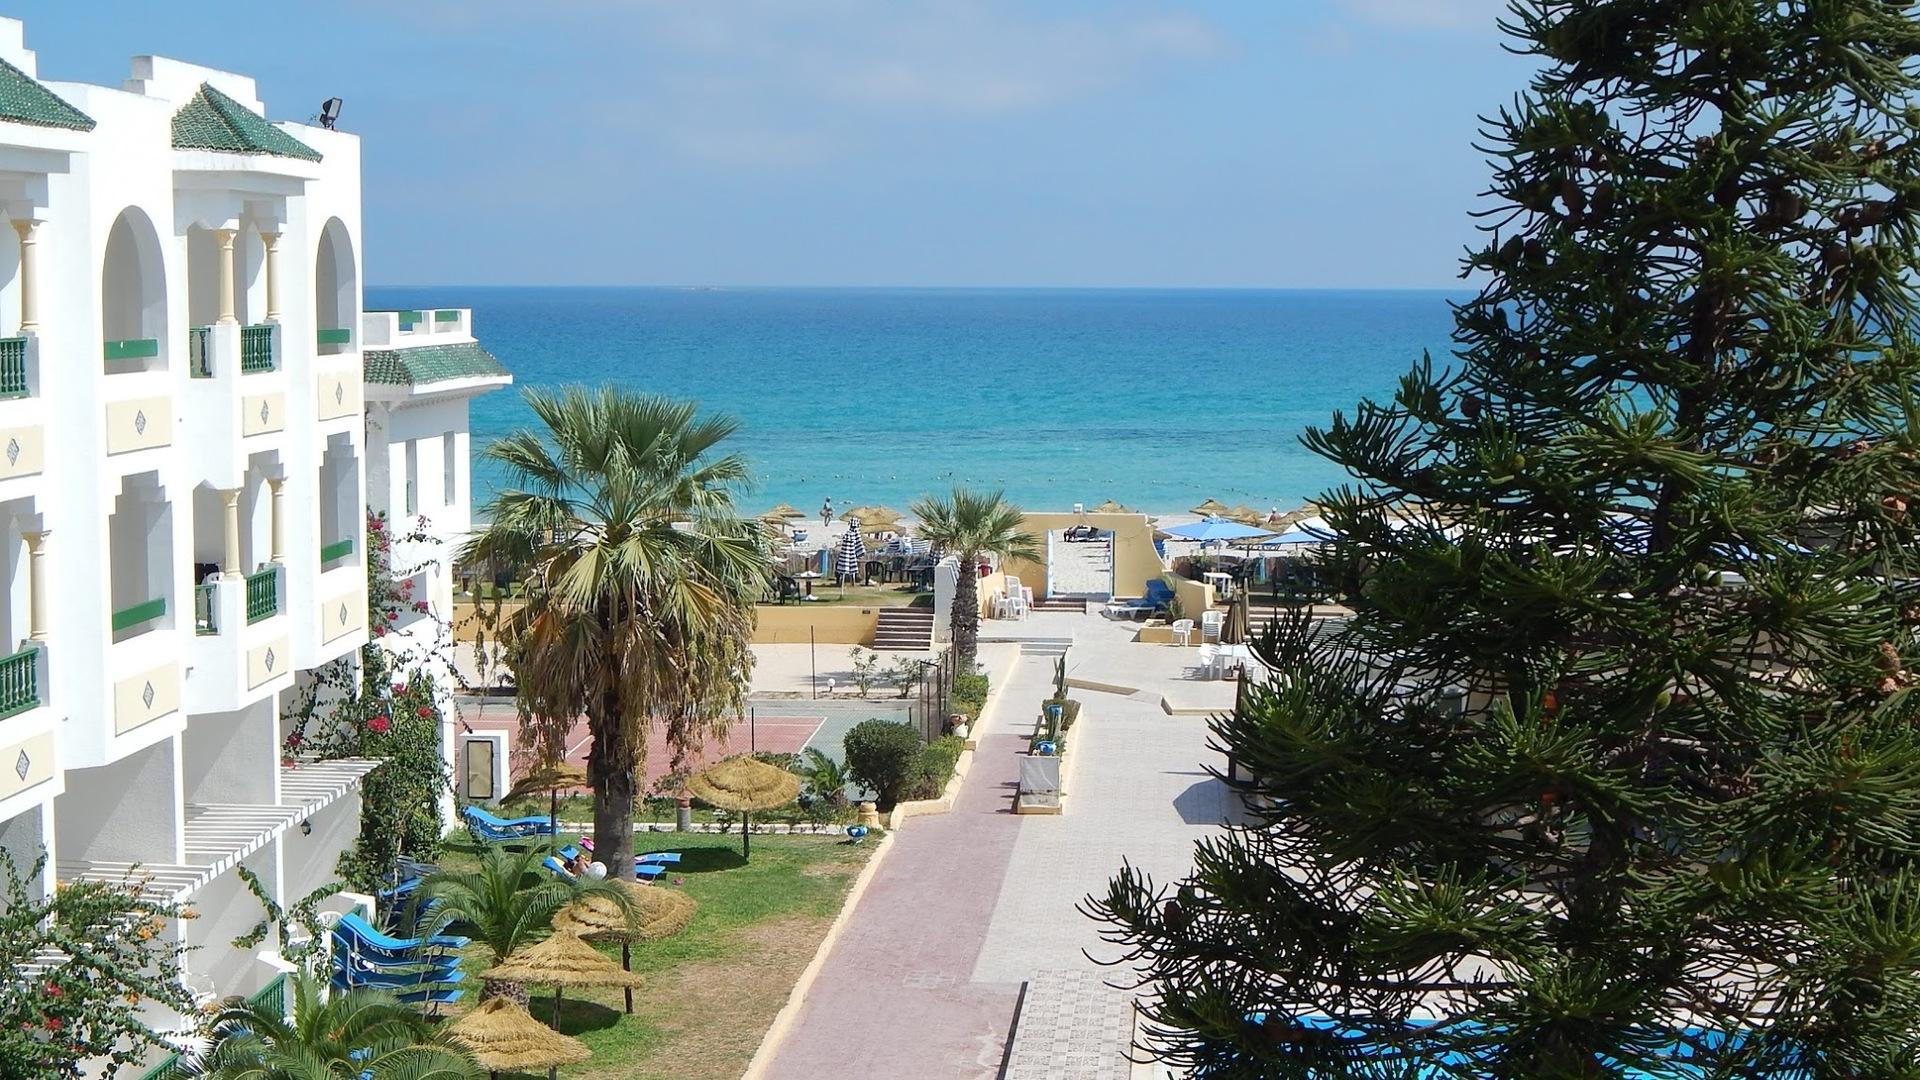 этом тунис отель топкапи бич фото стендов зеркалами